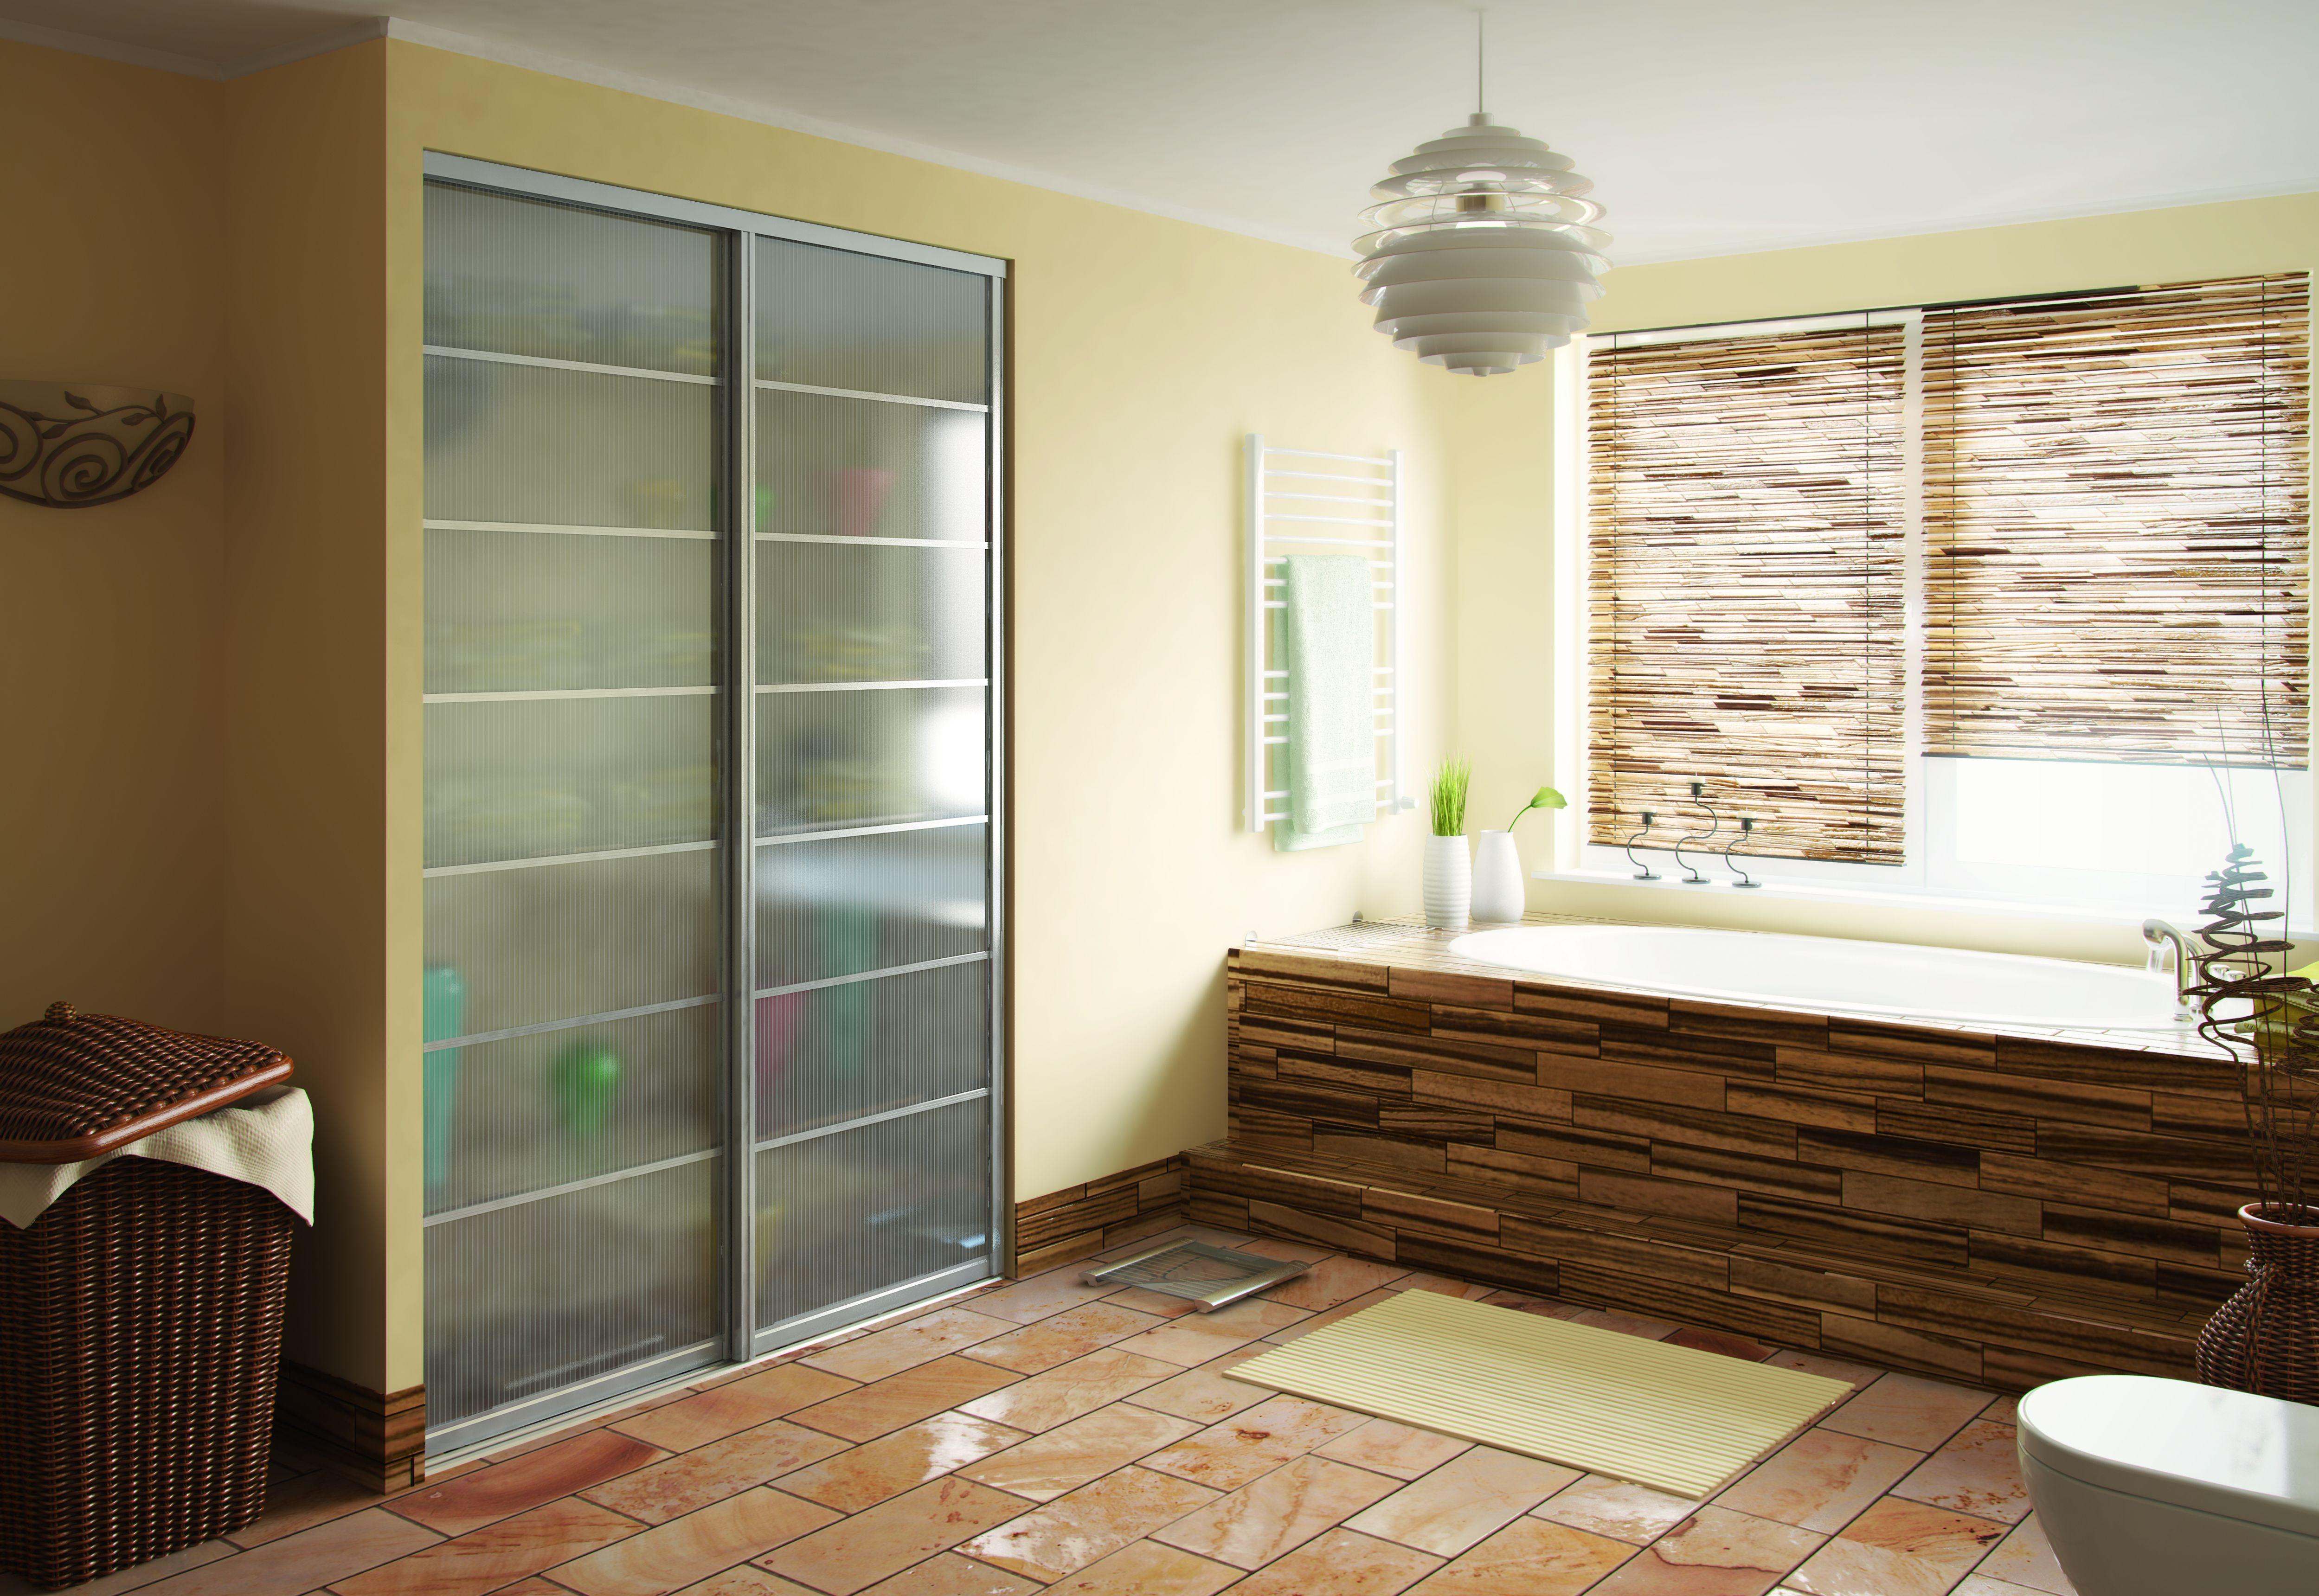 Co uk wp content uploads 2013 06 interior sliding door bathroom jpg